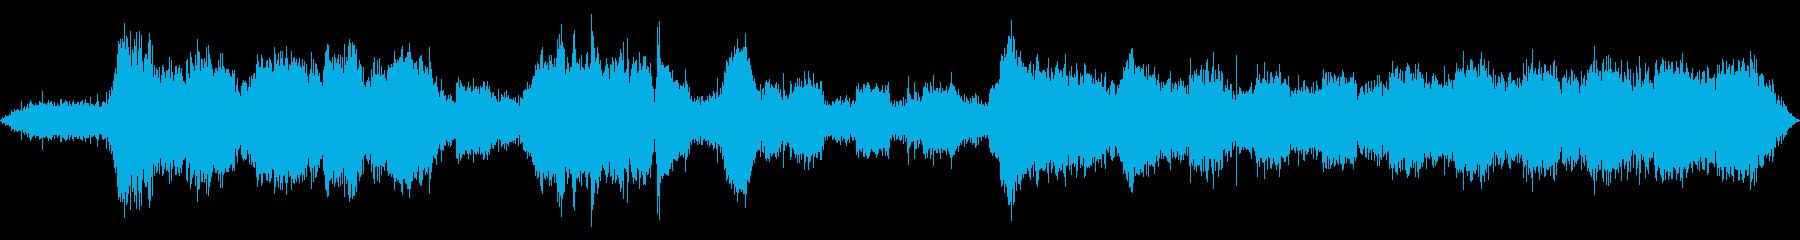 バックアップビープ音で反転するトラックの再生済みの波形